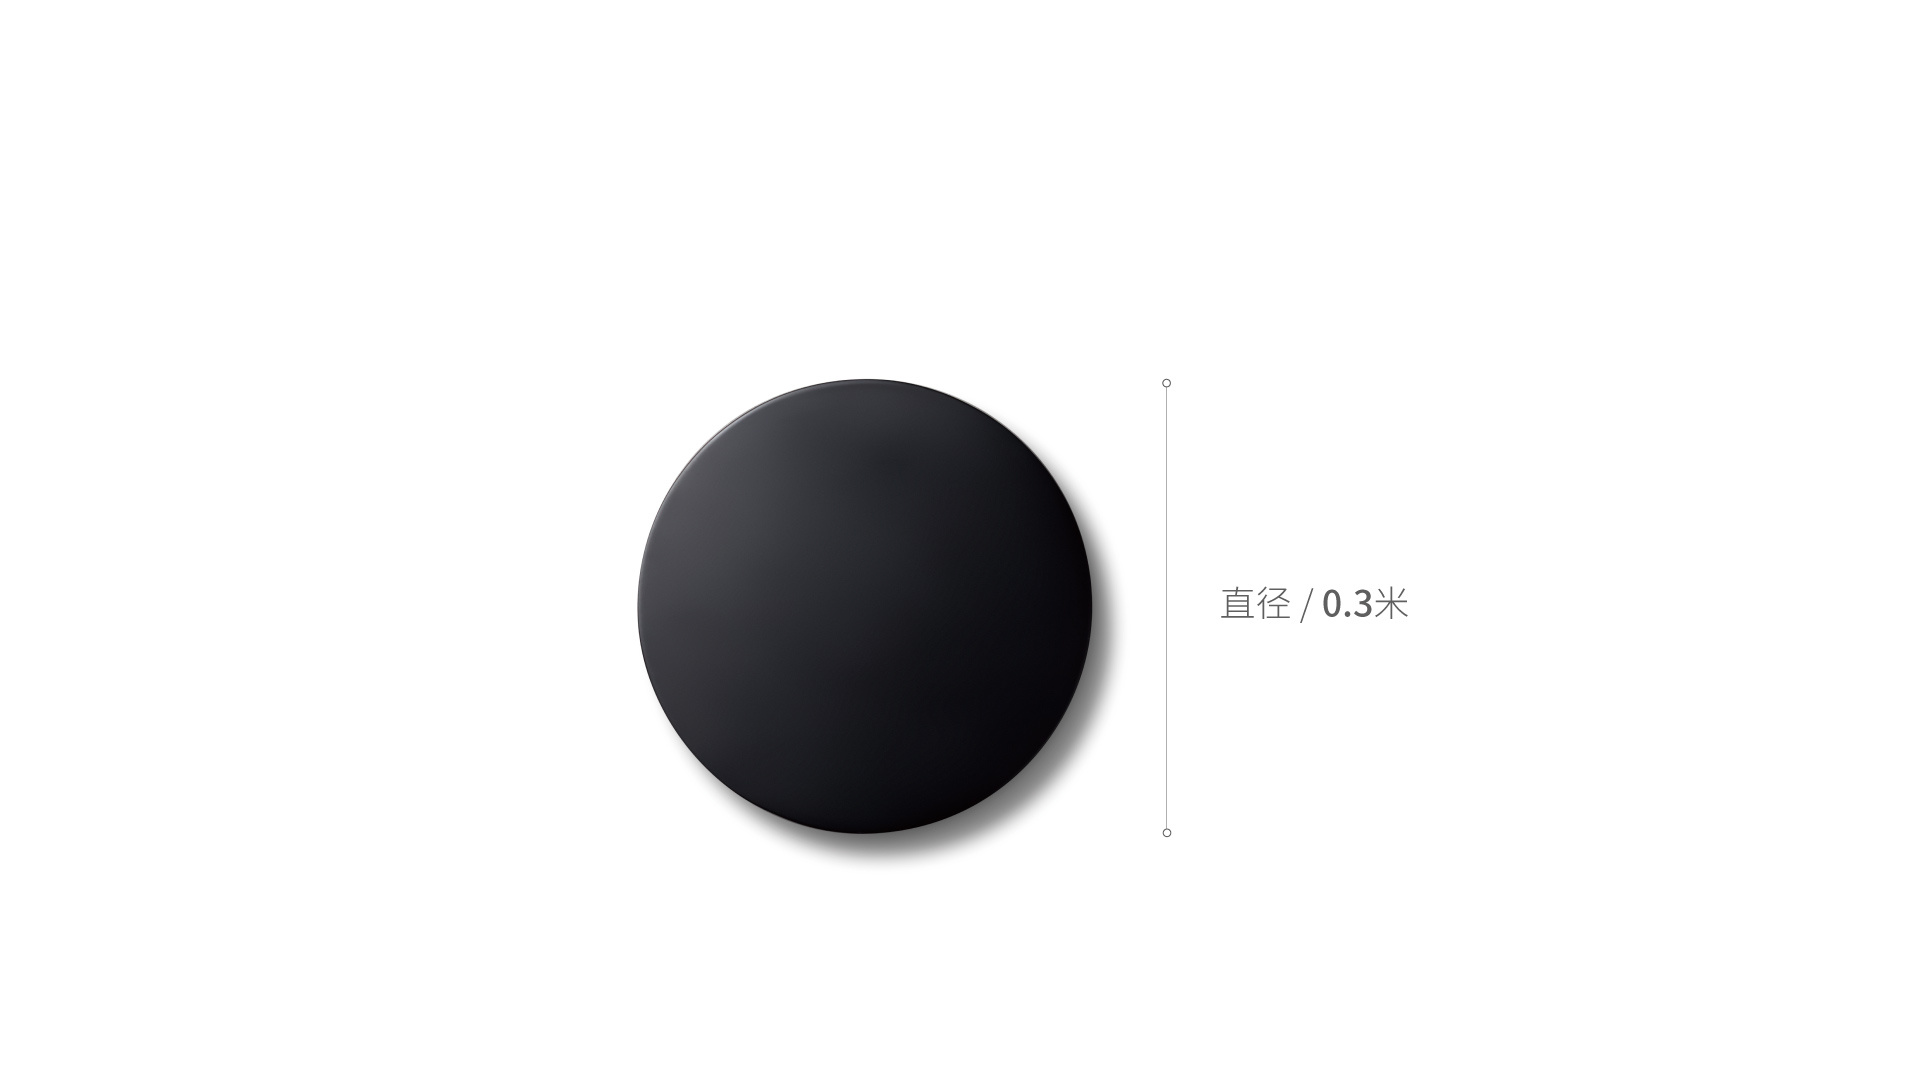 造作星云置物系®圆搁板柜架效果图